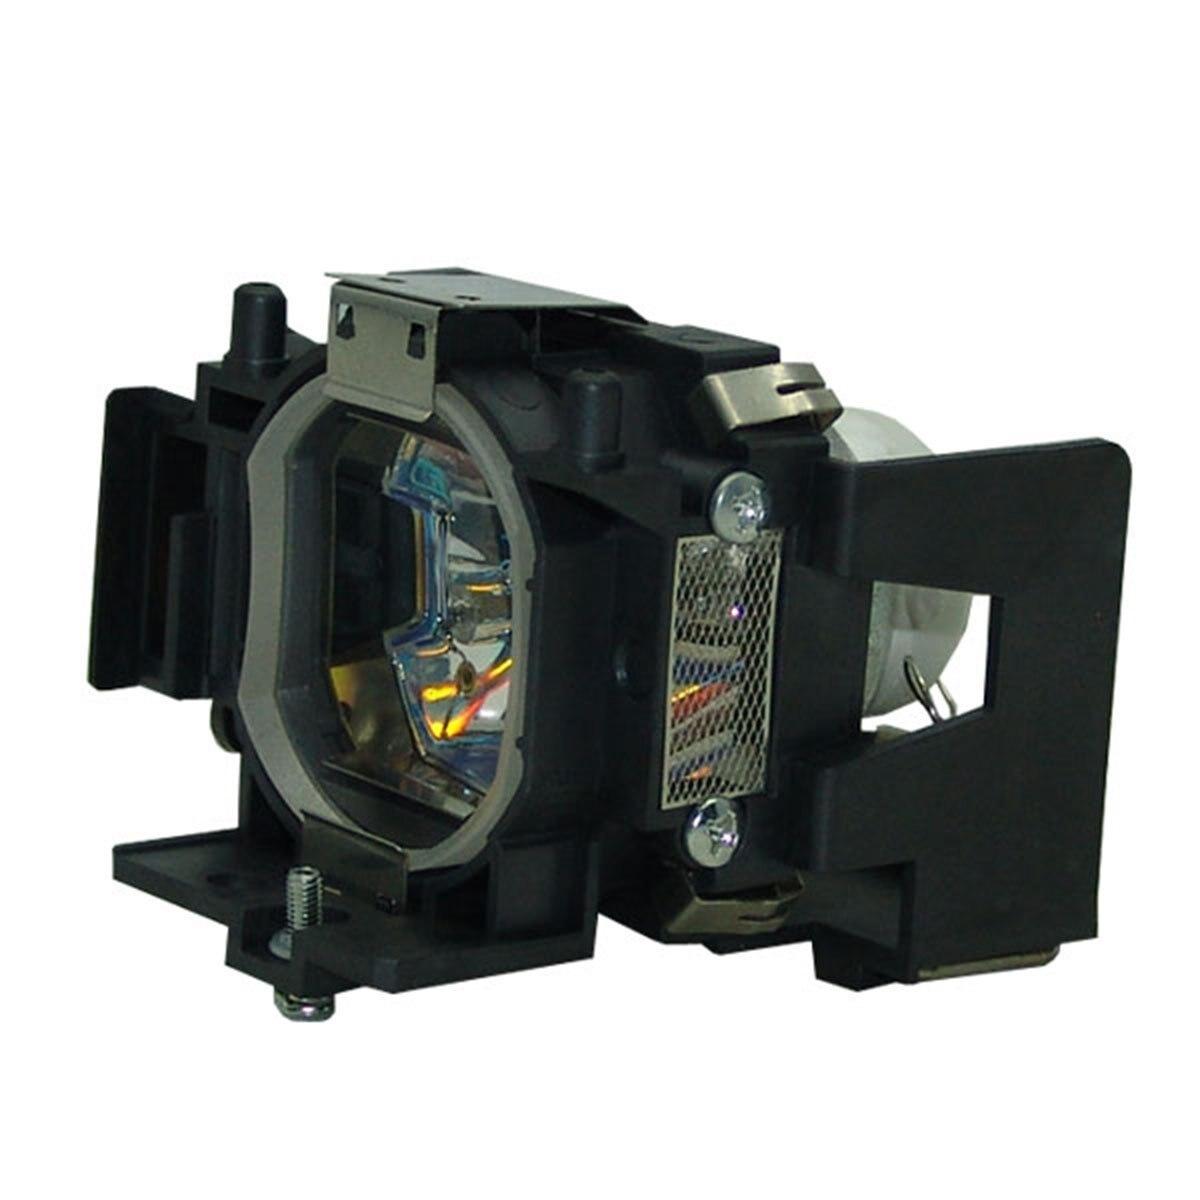 Projector Lamp Bulb LMP-C161 For Sony VPL-CX70 VPL-CX71 VPL-CX75 VPL-CX76 Compatible With Housing